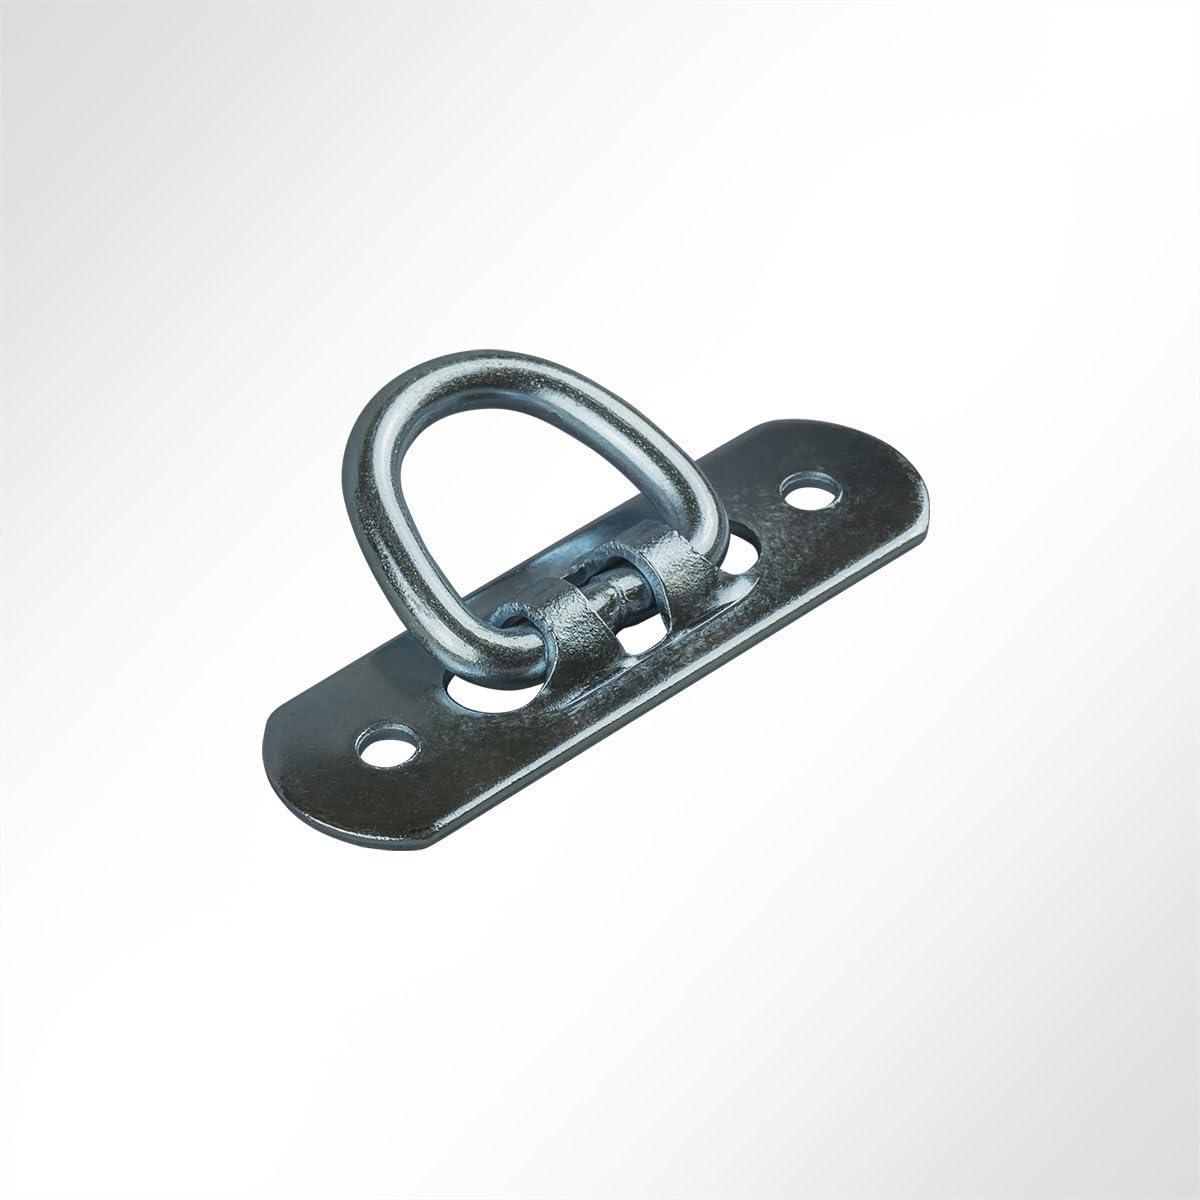 BxHxL 1 St/ück 22x25x72mm in grau LYSEL/® B/ügelkrampe zum Umklappen,